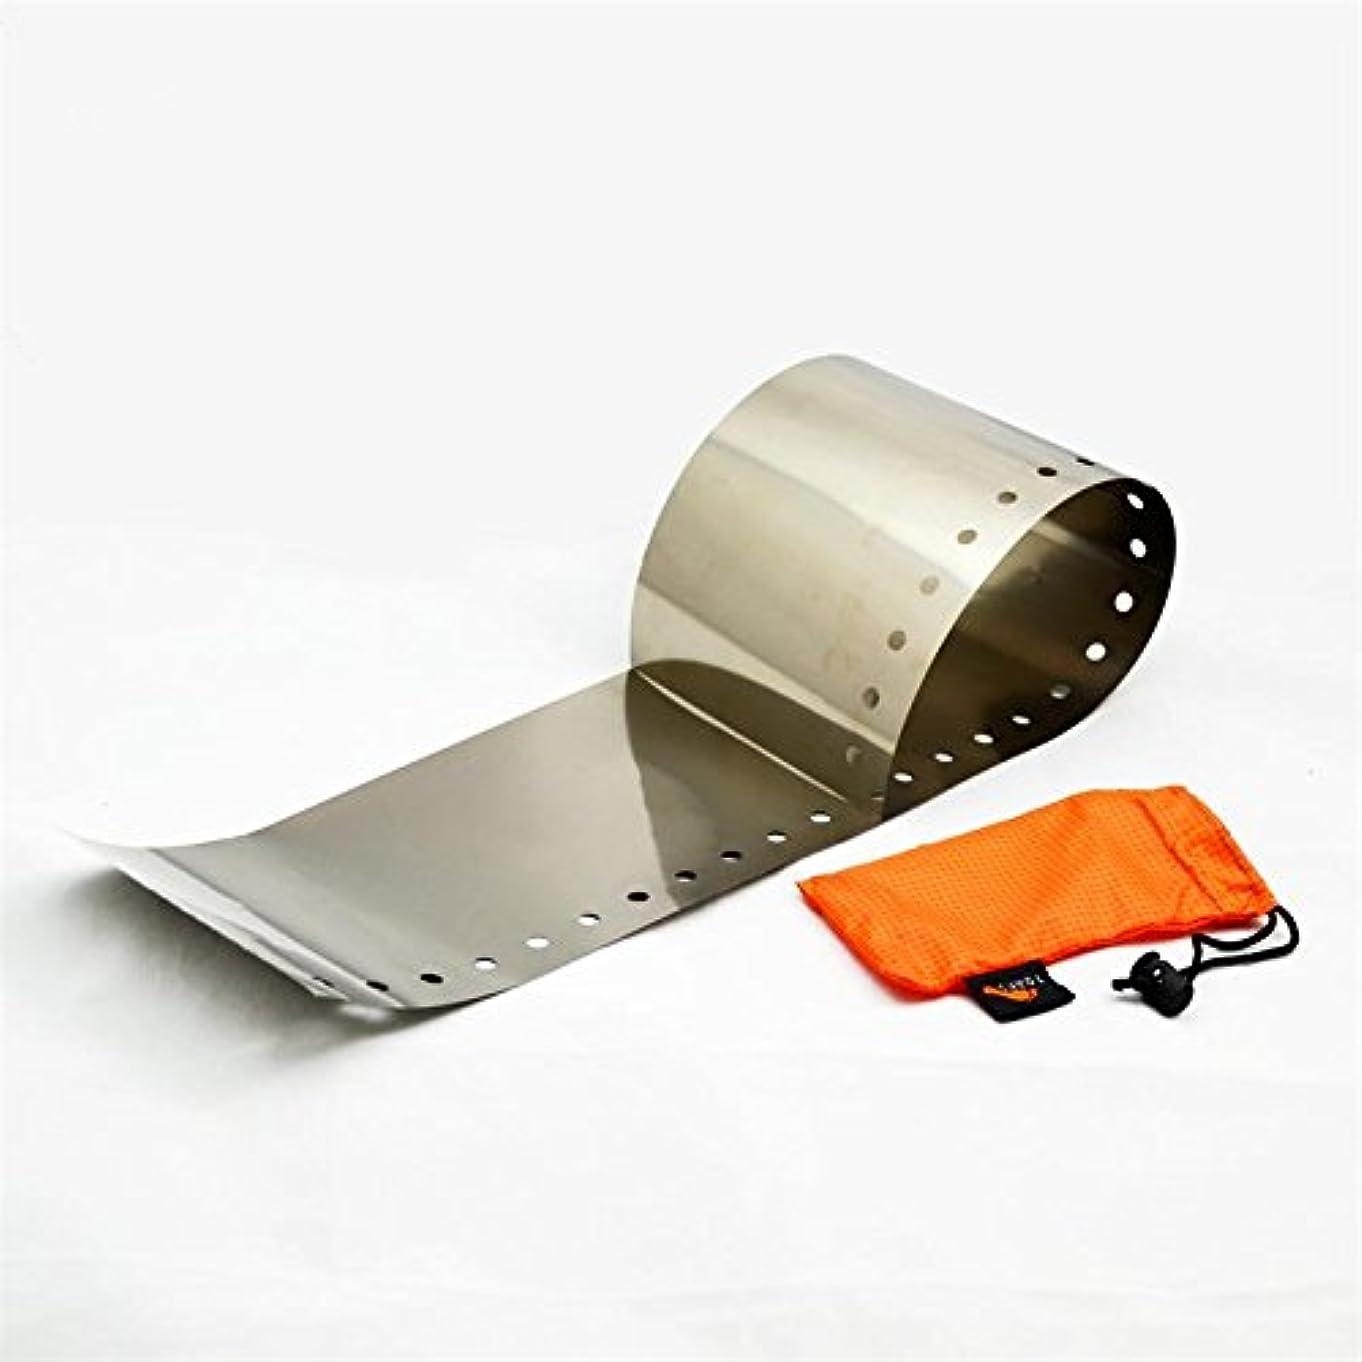 動力学予見する平日TOAKS (トークス) チタニウム ウインドスクリーン 超軽量15g 風防 WSC-01 【日本正規品】